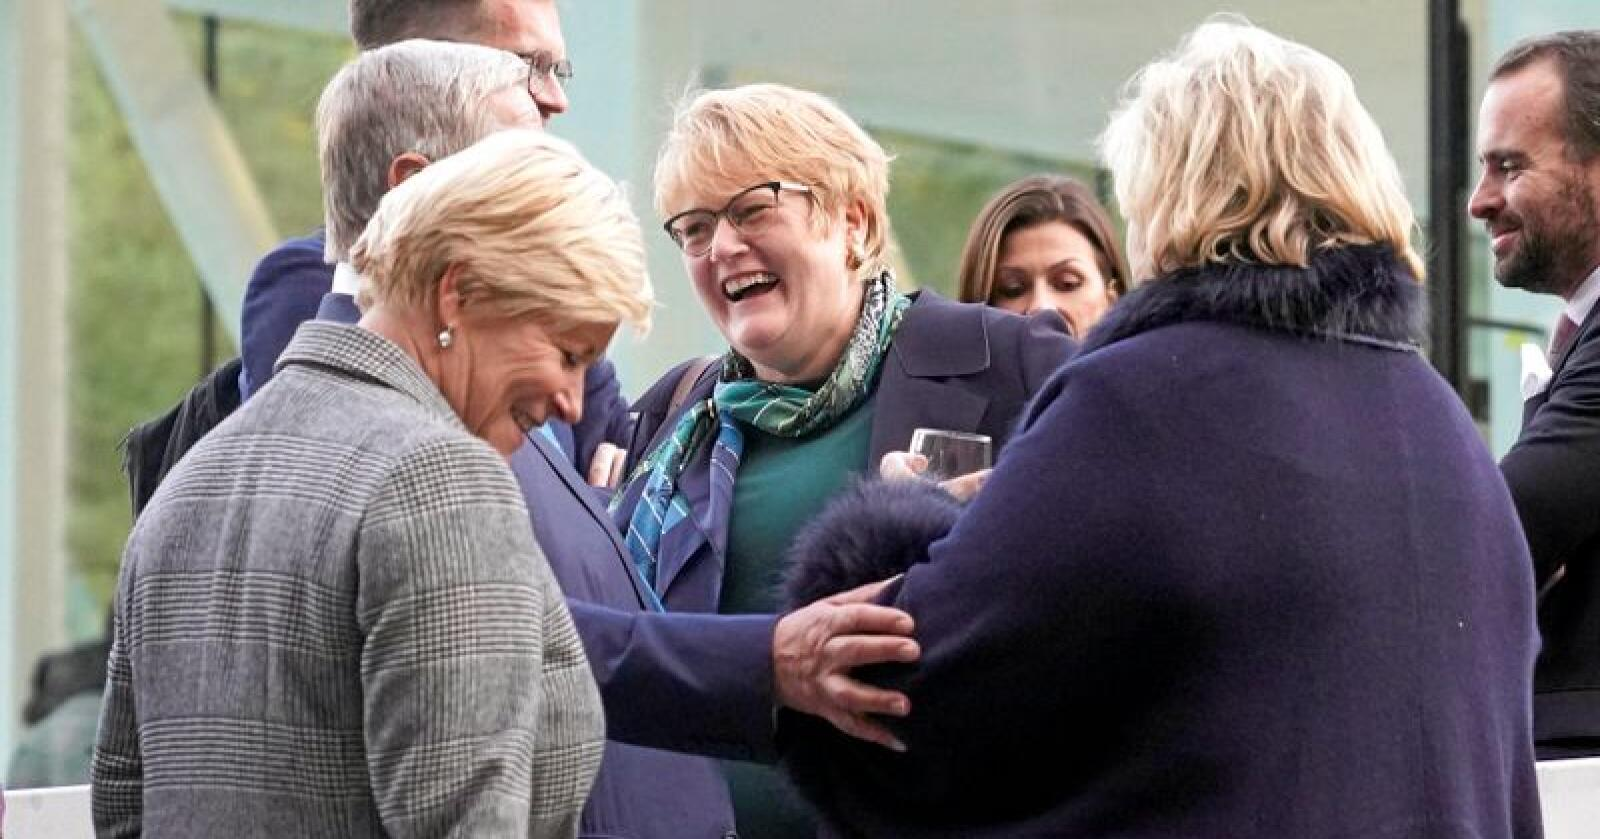 Partnere i regjering: Venstre-leder og kulturminister Trine Skei Grande sier hun er den beste til å lede Venstre. Her i lag med finansminister Siv Jensen (Frp) og statsminister Erna Solberg (H).